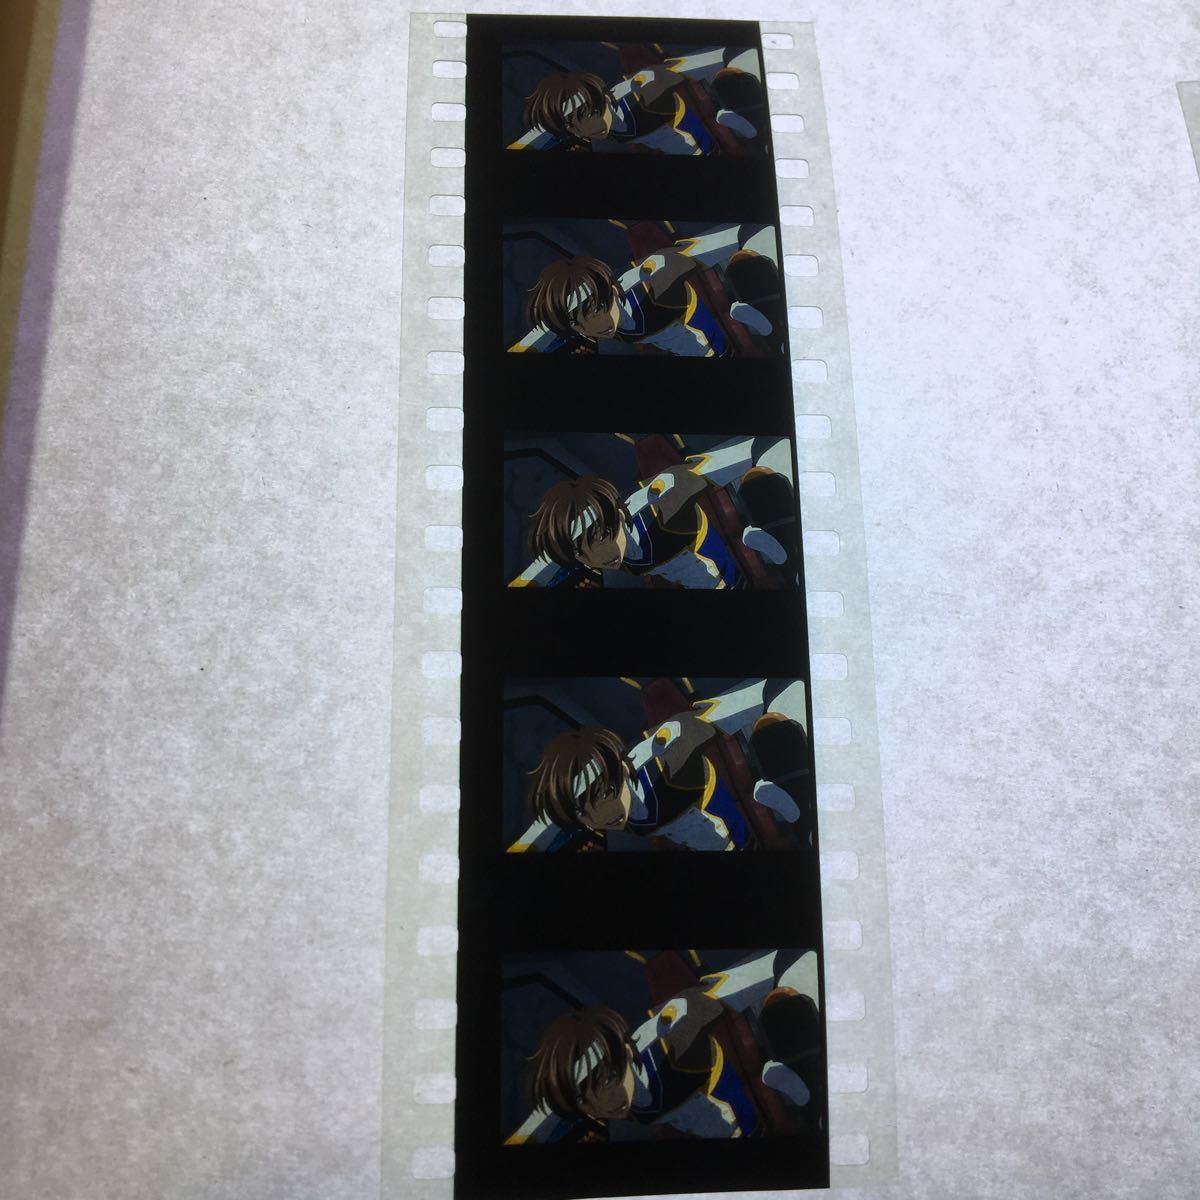 コードギアス 復活のルルーシュ 6週目 来場者 特典 入場者 トリプル生コマフィルム 送料無料 即日発送 1円スタート 最落なし スザク 3